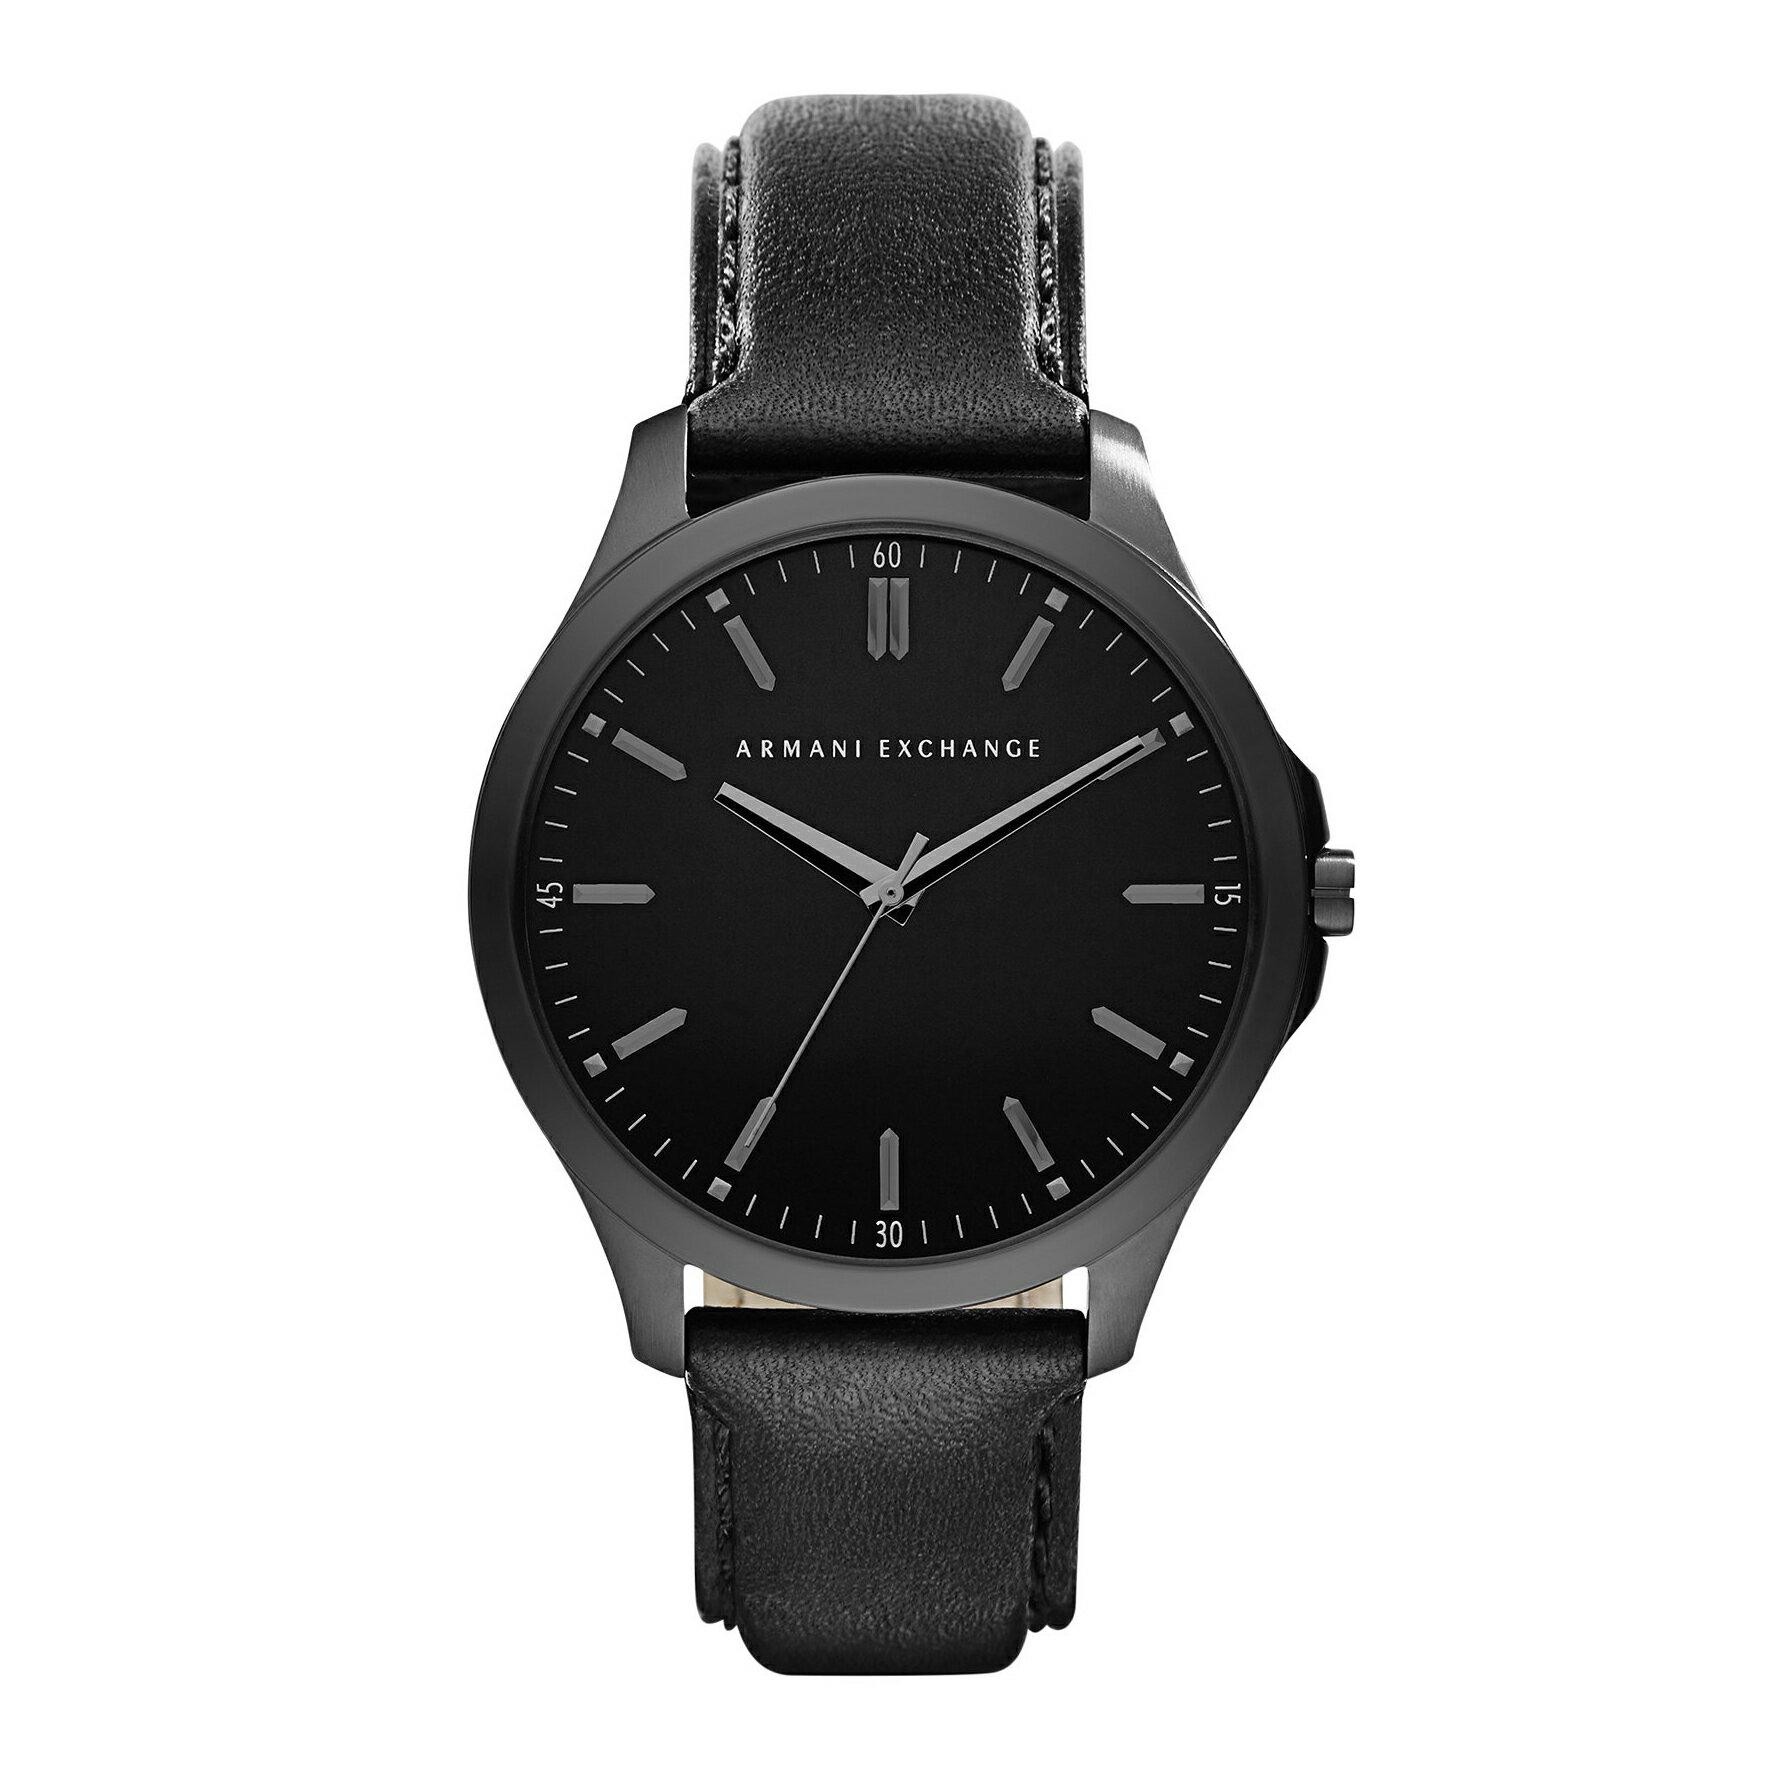 美國百分百【Armani Exchange】配件 AX 手錶 腕錶 大錶面 阿曼尼 不鏽鋼 全黑霧面 真皮錶帶 F401